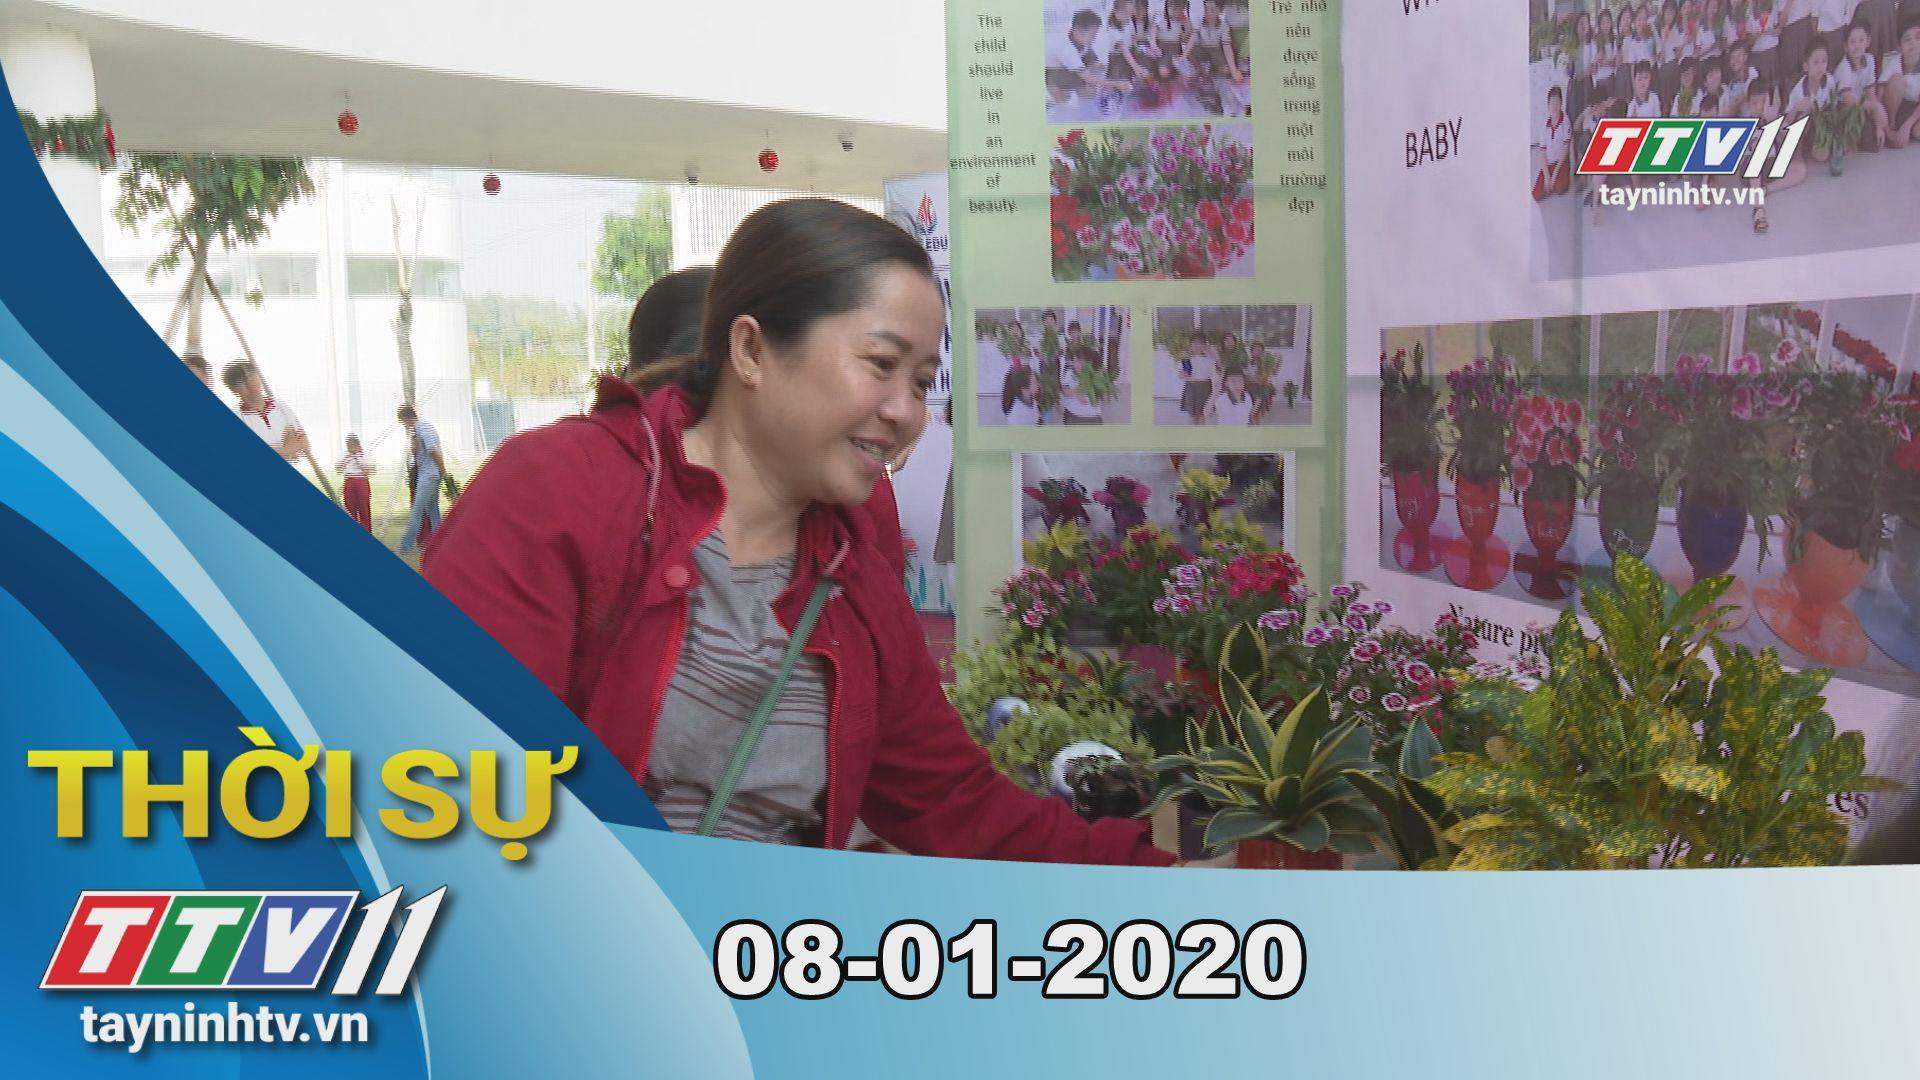 Thời sự Tây Ninh 08-01-2020 | Tin tức hôm nay | TayNinhTV